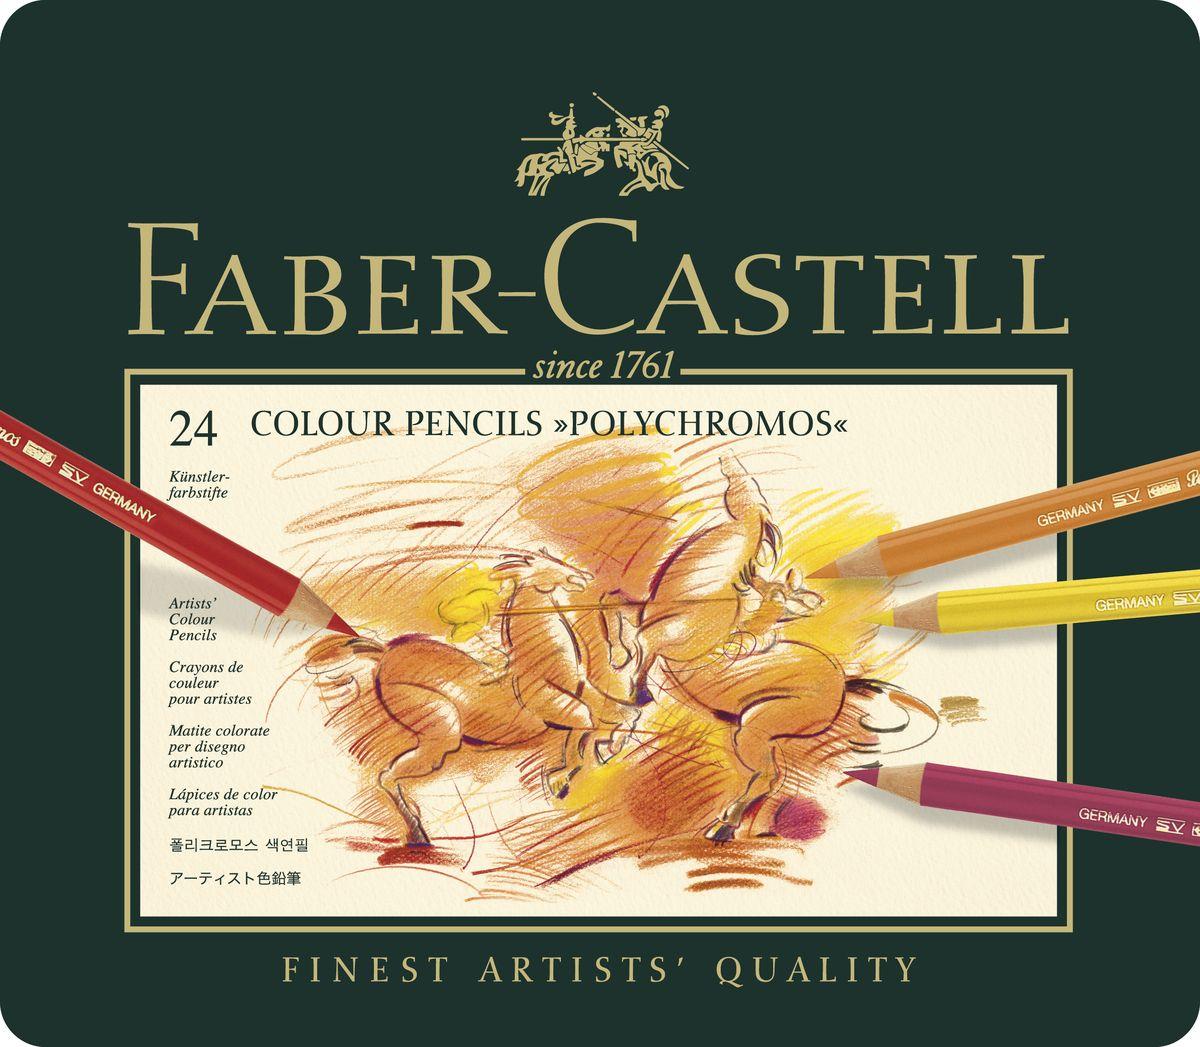 Faber-Castell Цветные карандаши Polychromos 24 цвета110024Цветные карандаши Faber-Castell Polychromos станут незаменимым инструментом для начинающих и профессиональных художников. В набор входят 24 карандаша разных цветов.Особенности карандашей: высокое содержание очень качественныхпигментов гарантирует устойчивость квоздействию света и интенсивность; грифель толщиной 3,8 мм;гладкий грифель на основе воска водоустойчив,не размазывается.Набор цветных карандашей - это практичный художественный инструмент, который поможет вам в создании самых выразительных произведений. Карандаши упакованы в металлический пенал, благодаря чему их удобно хранить.